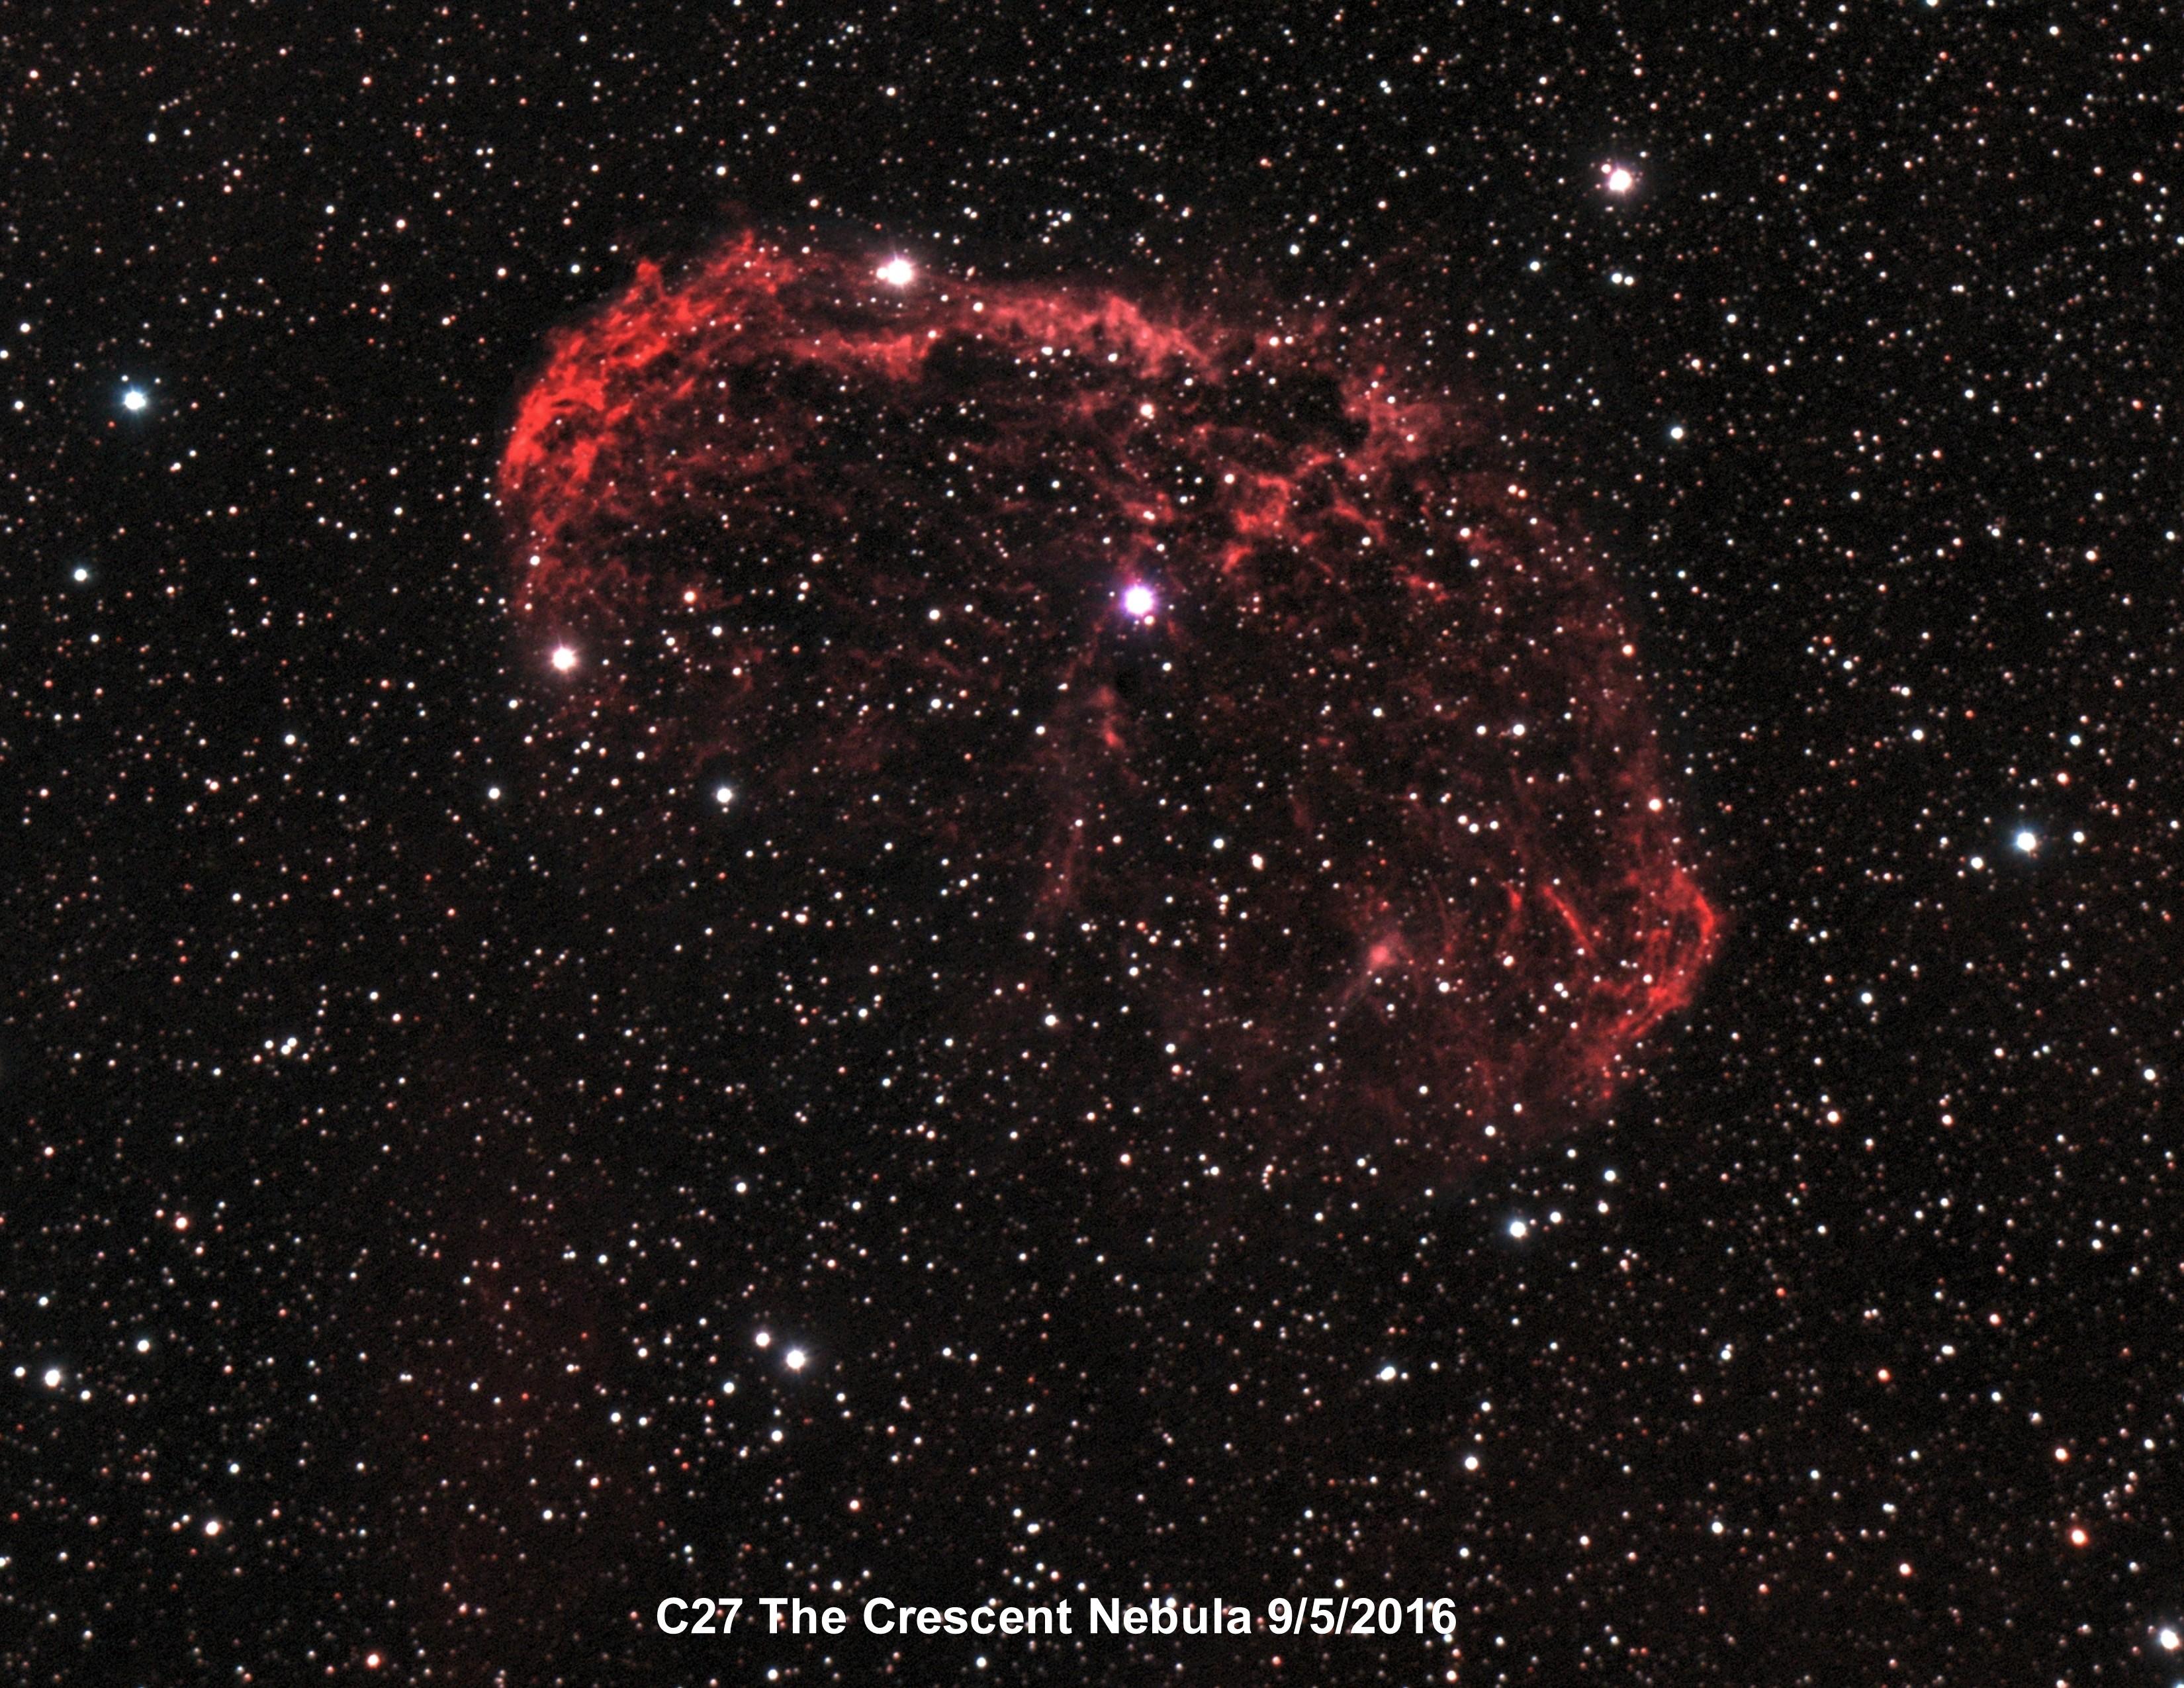 C27 Crescent Nebula